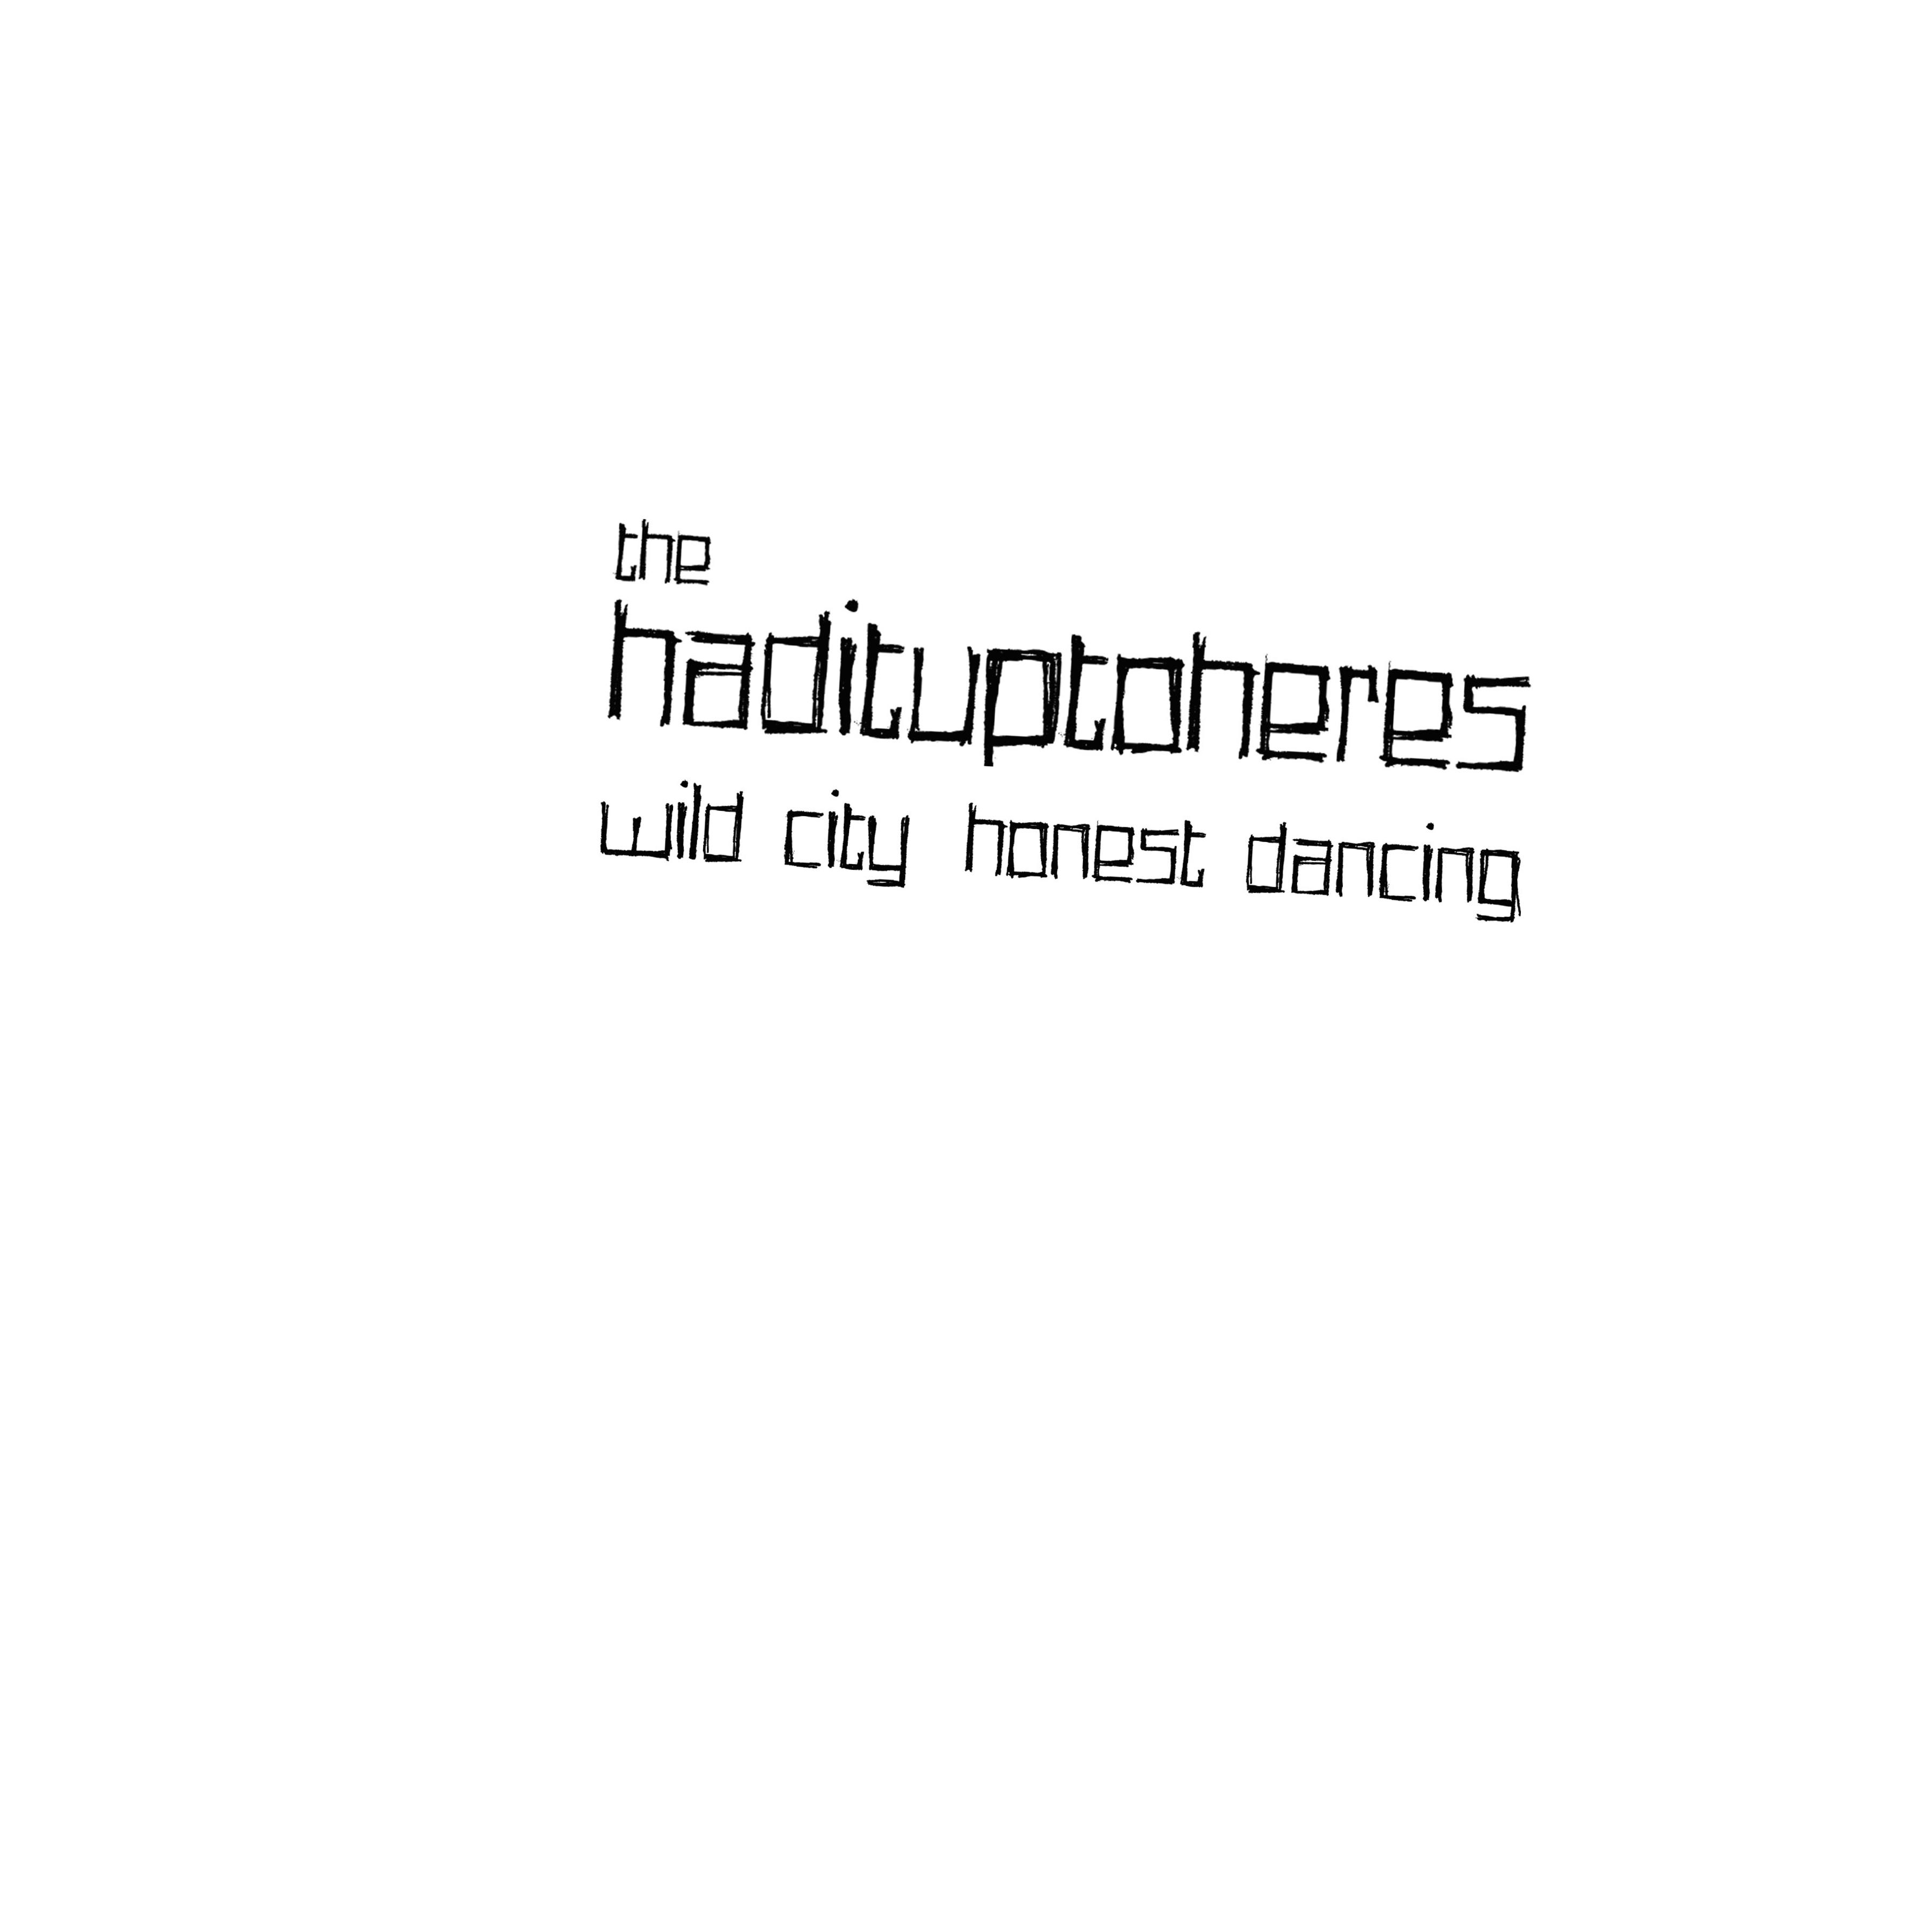 The Hadituptoheres